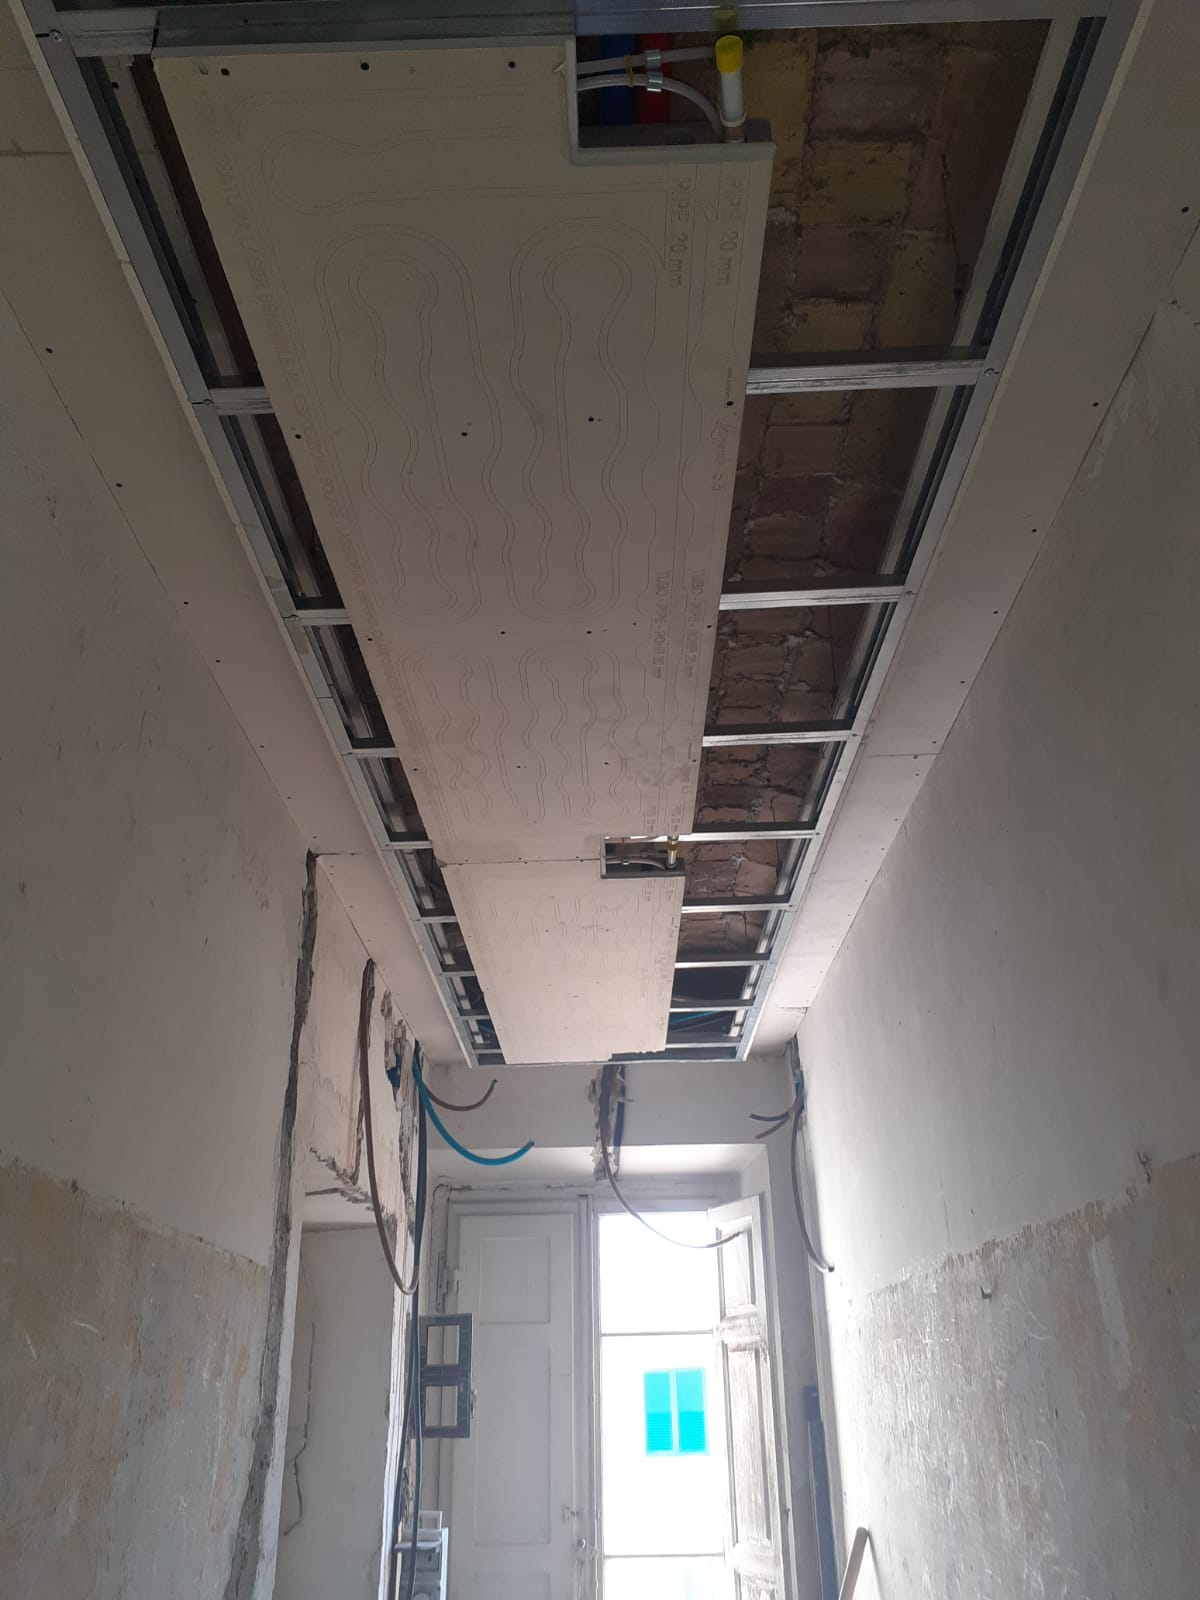 Ristrutturazioni-Roma-Appartamento-App-Image-2019-08-16-at-18.30.37